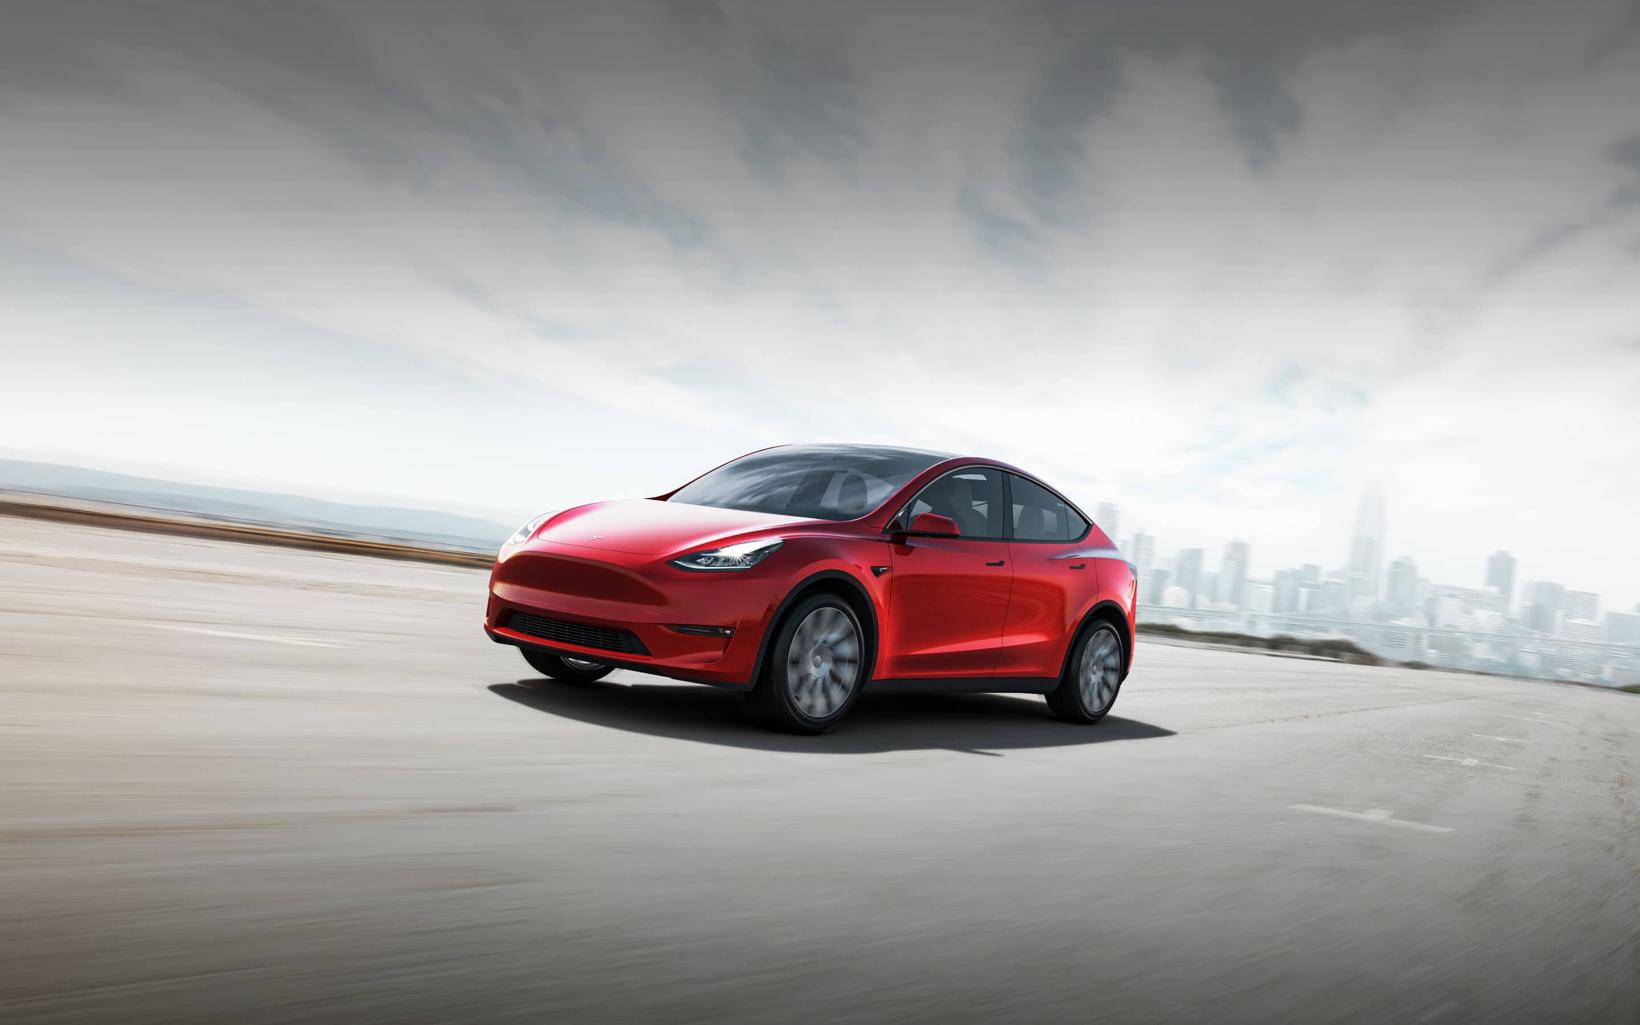 9月挪威新车销量提升15.7% 纯电动汽车市占率再创新高